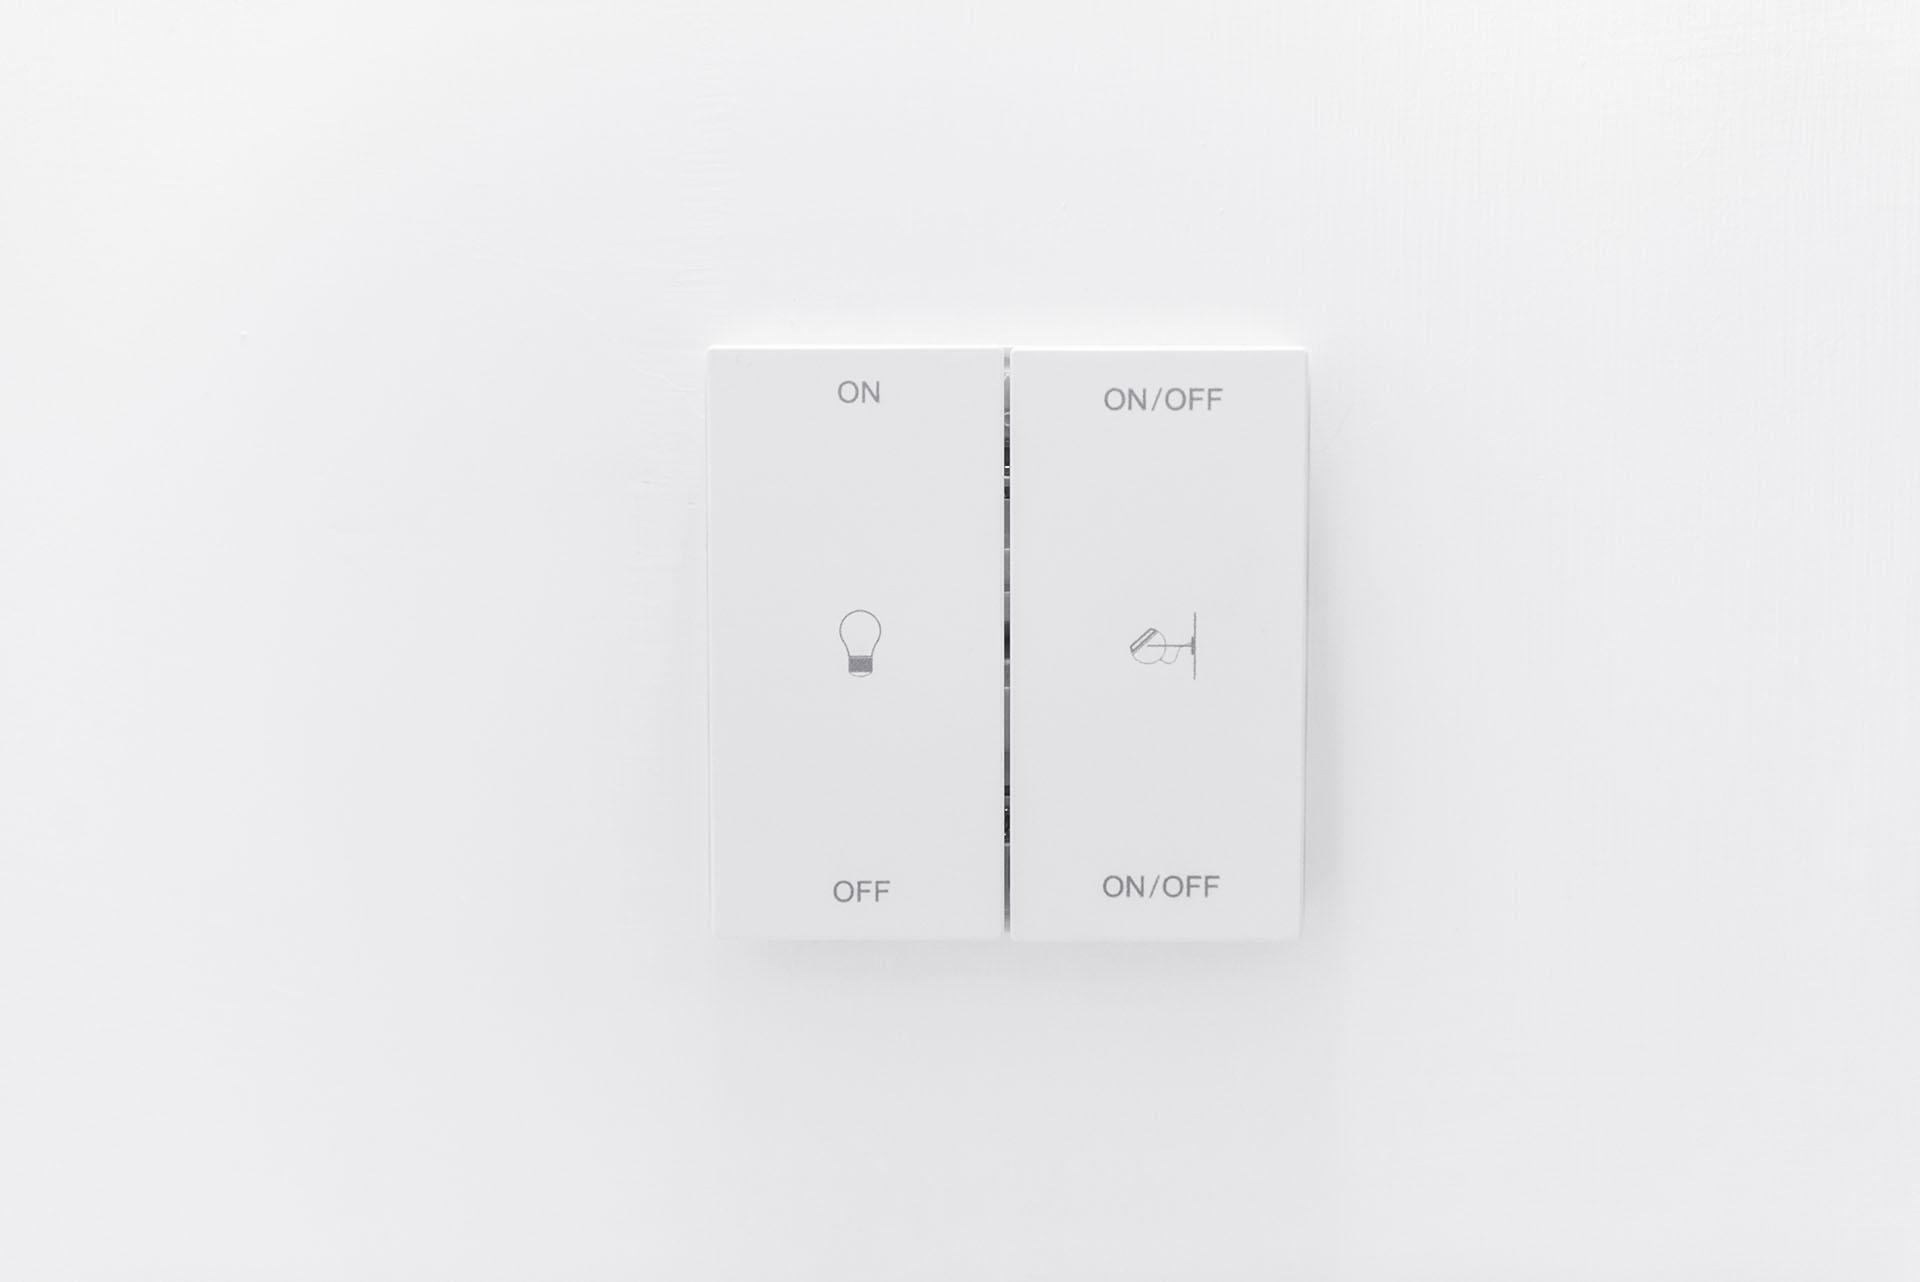 Progettazione-impianto-termico-domotico-knx-konnex-e-involucro-secondo-criteri-CasaClima-PassivHaus-Campania-Salerno-Napoli-Avellino-Benevento